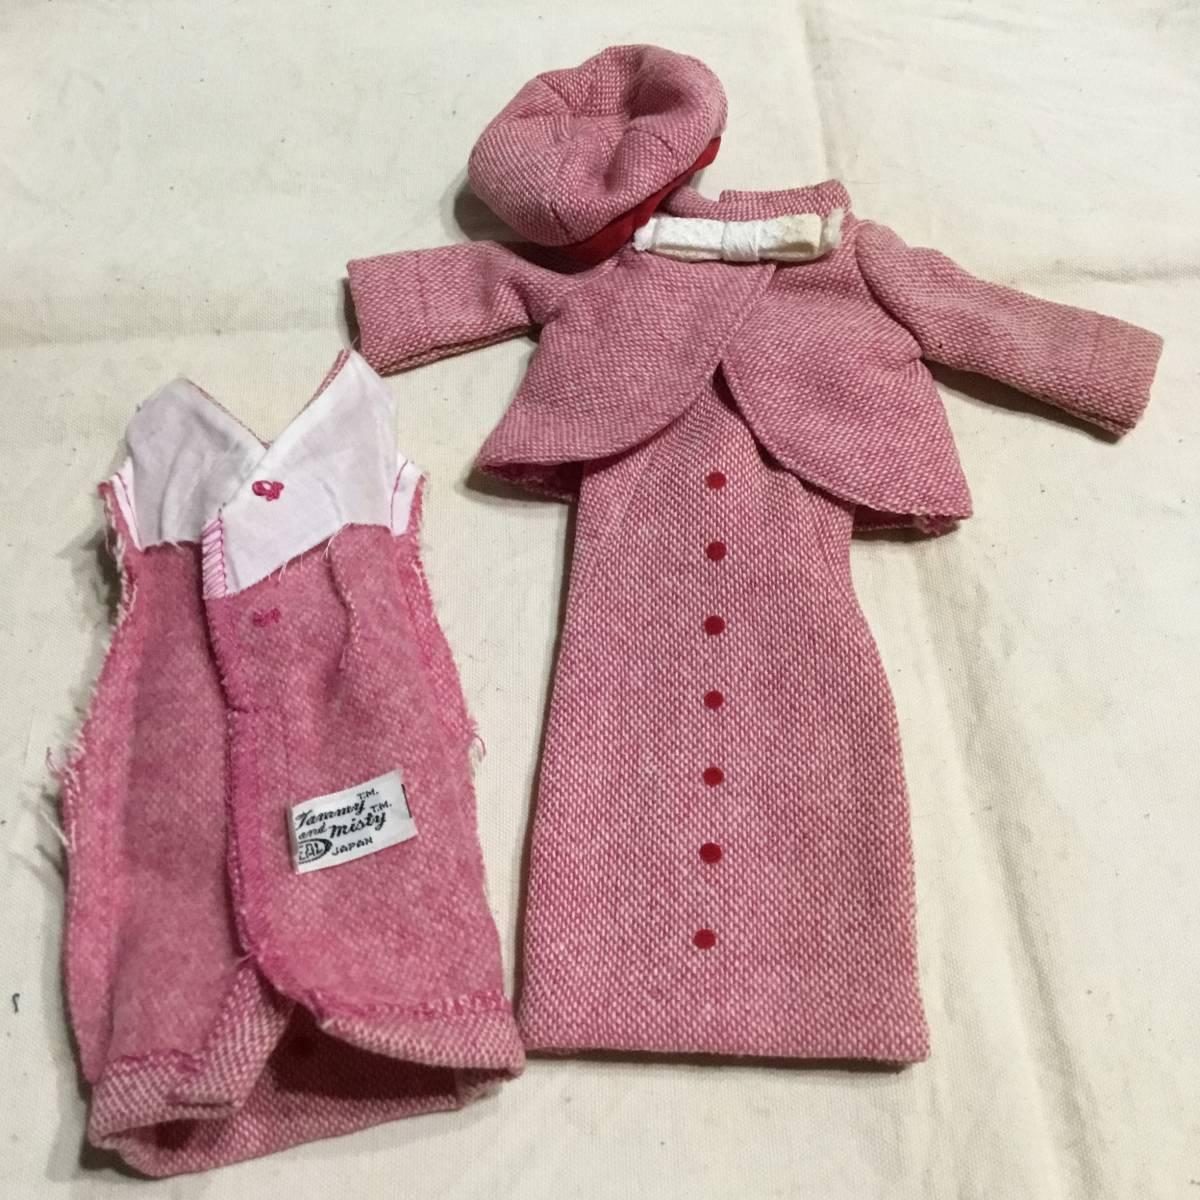 タミ―ちゃん用1組+ジャンパースカート